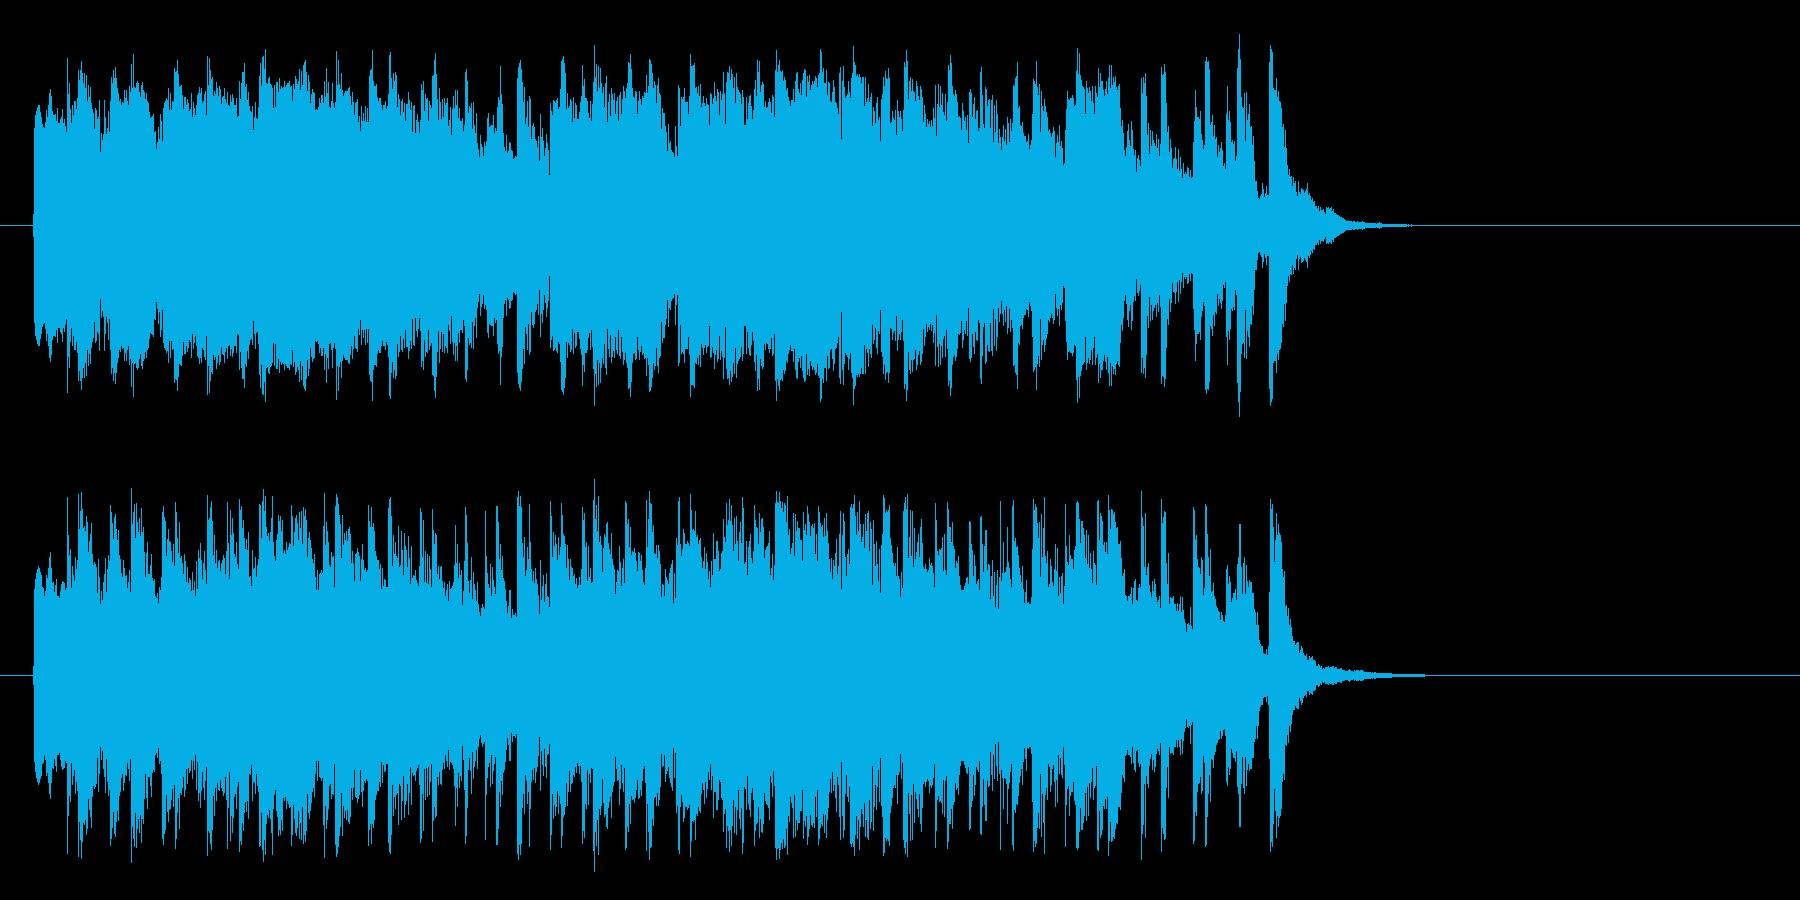 のんびりした童謡風ポップ(Aメロ)の再生済みの波形